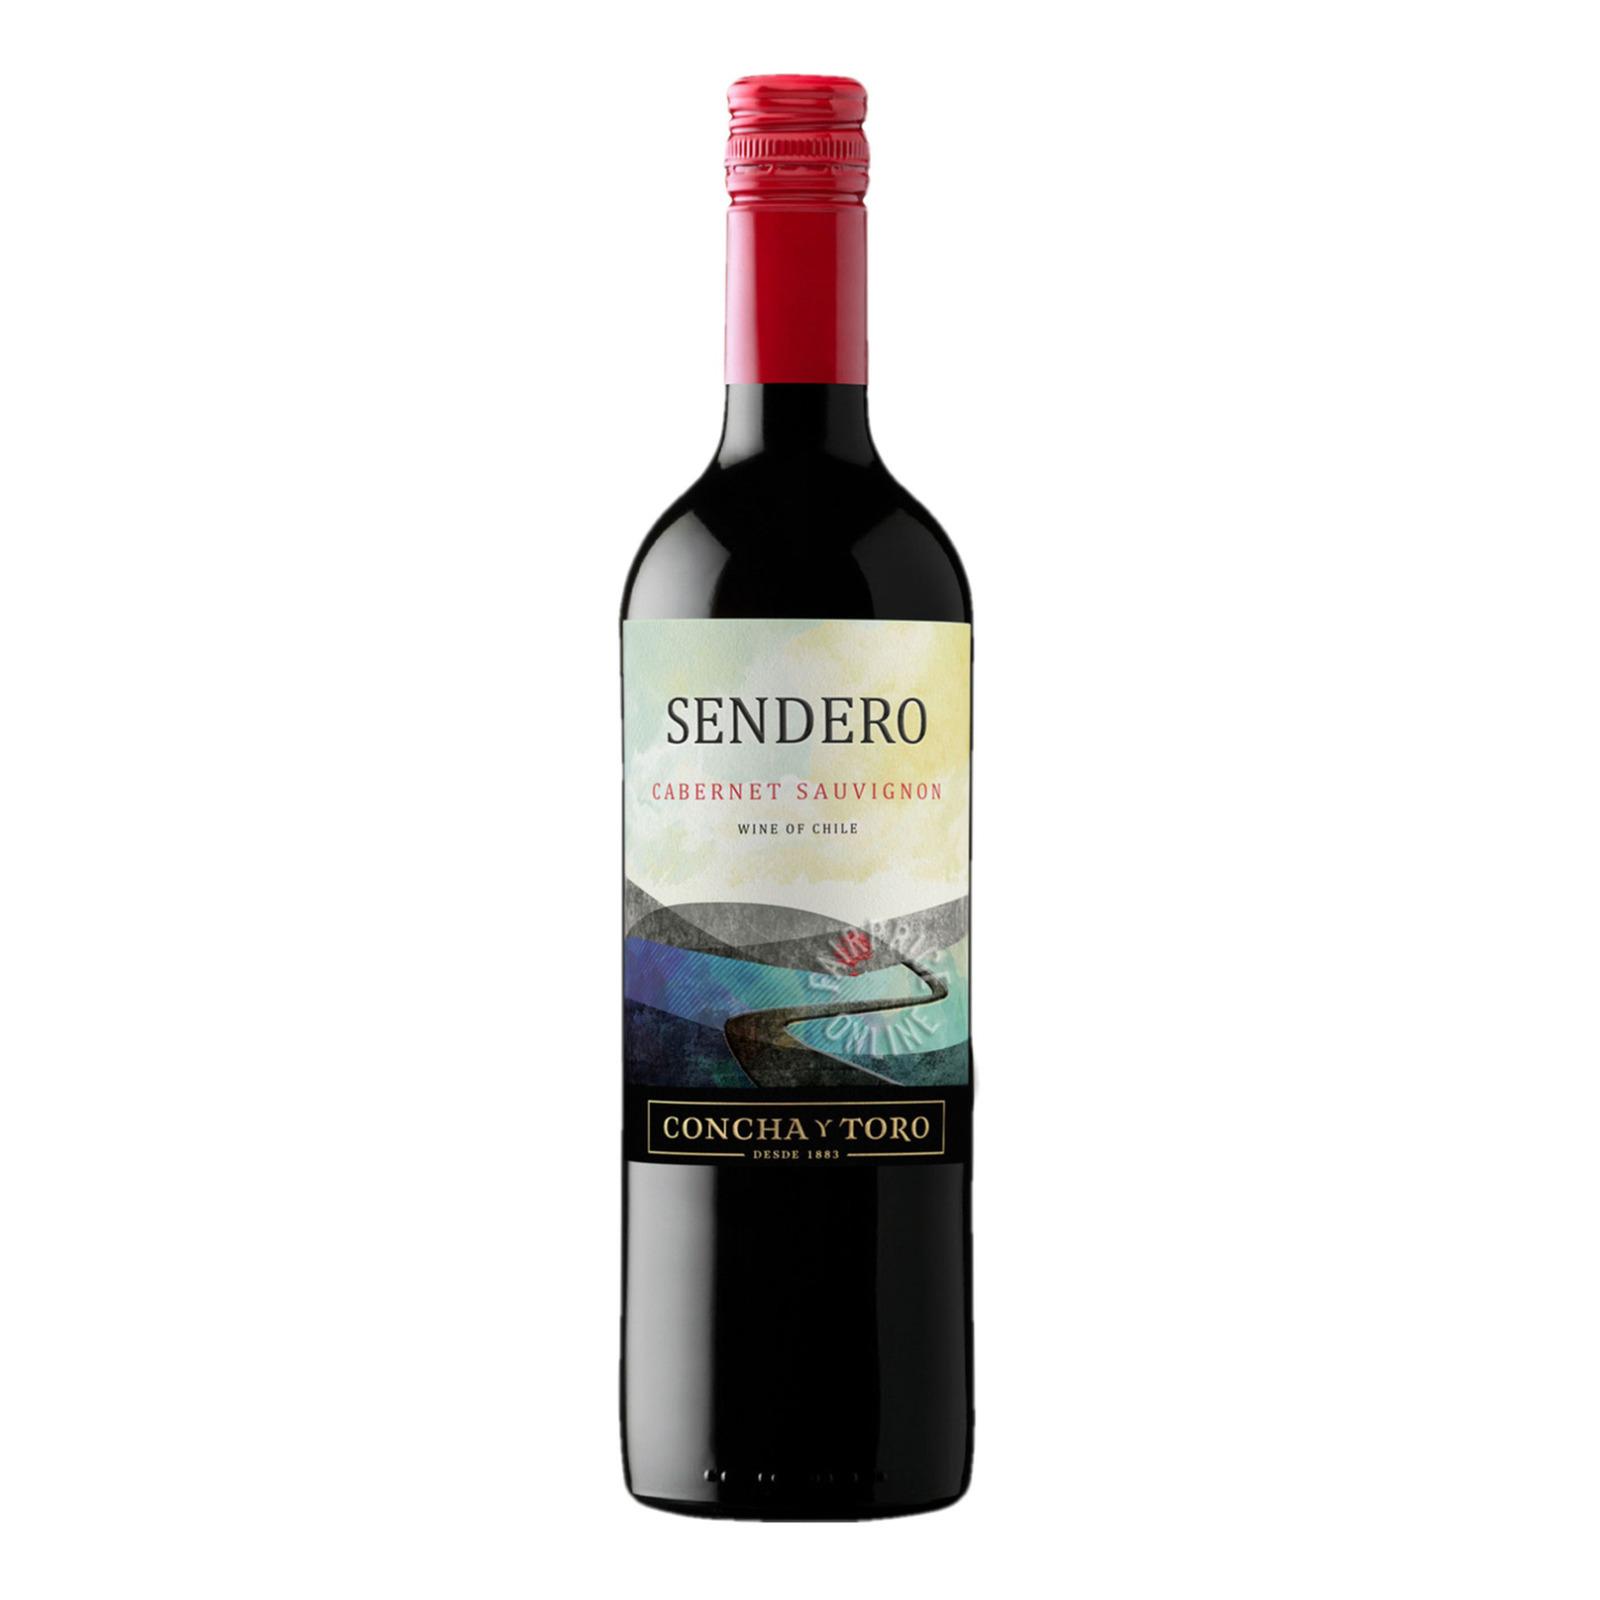 Sendero de Chile Red Wine - Cabernet Sauvignon